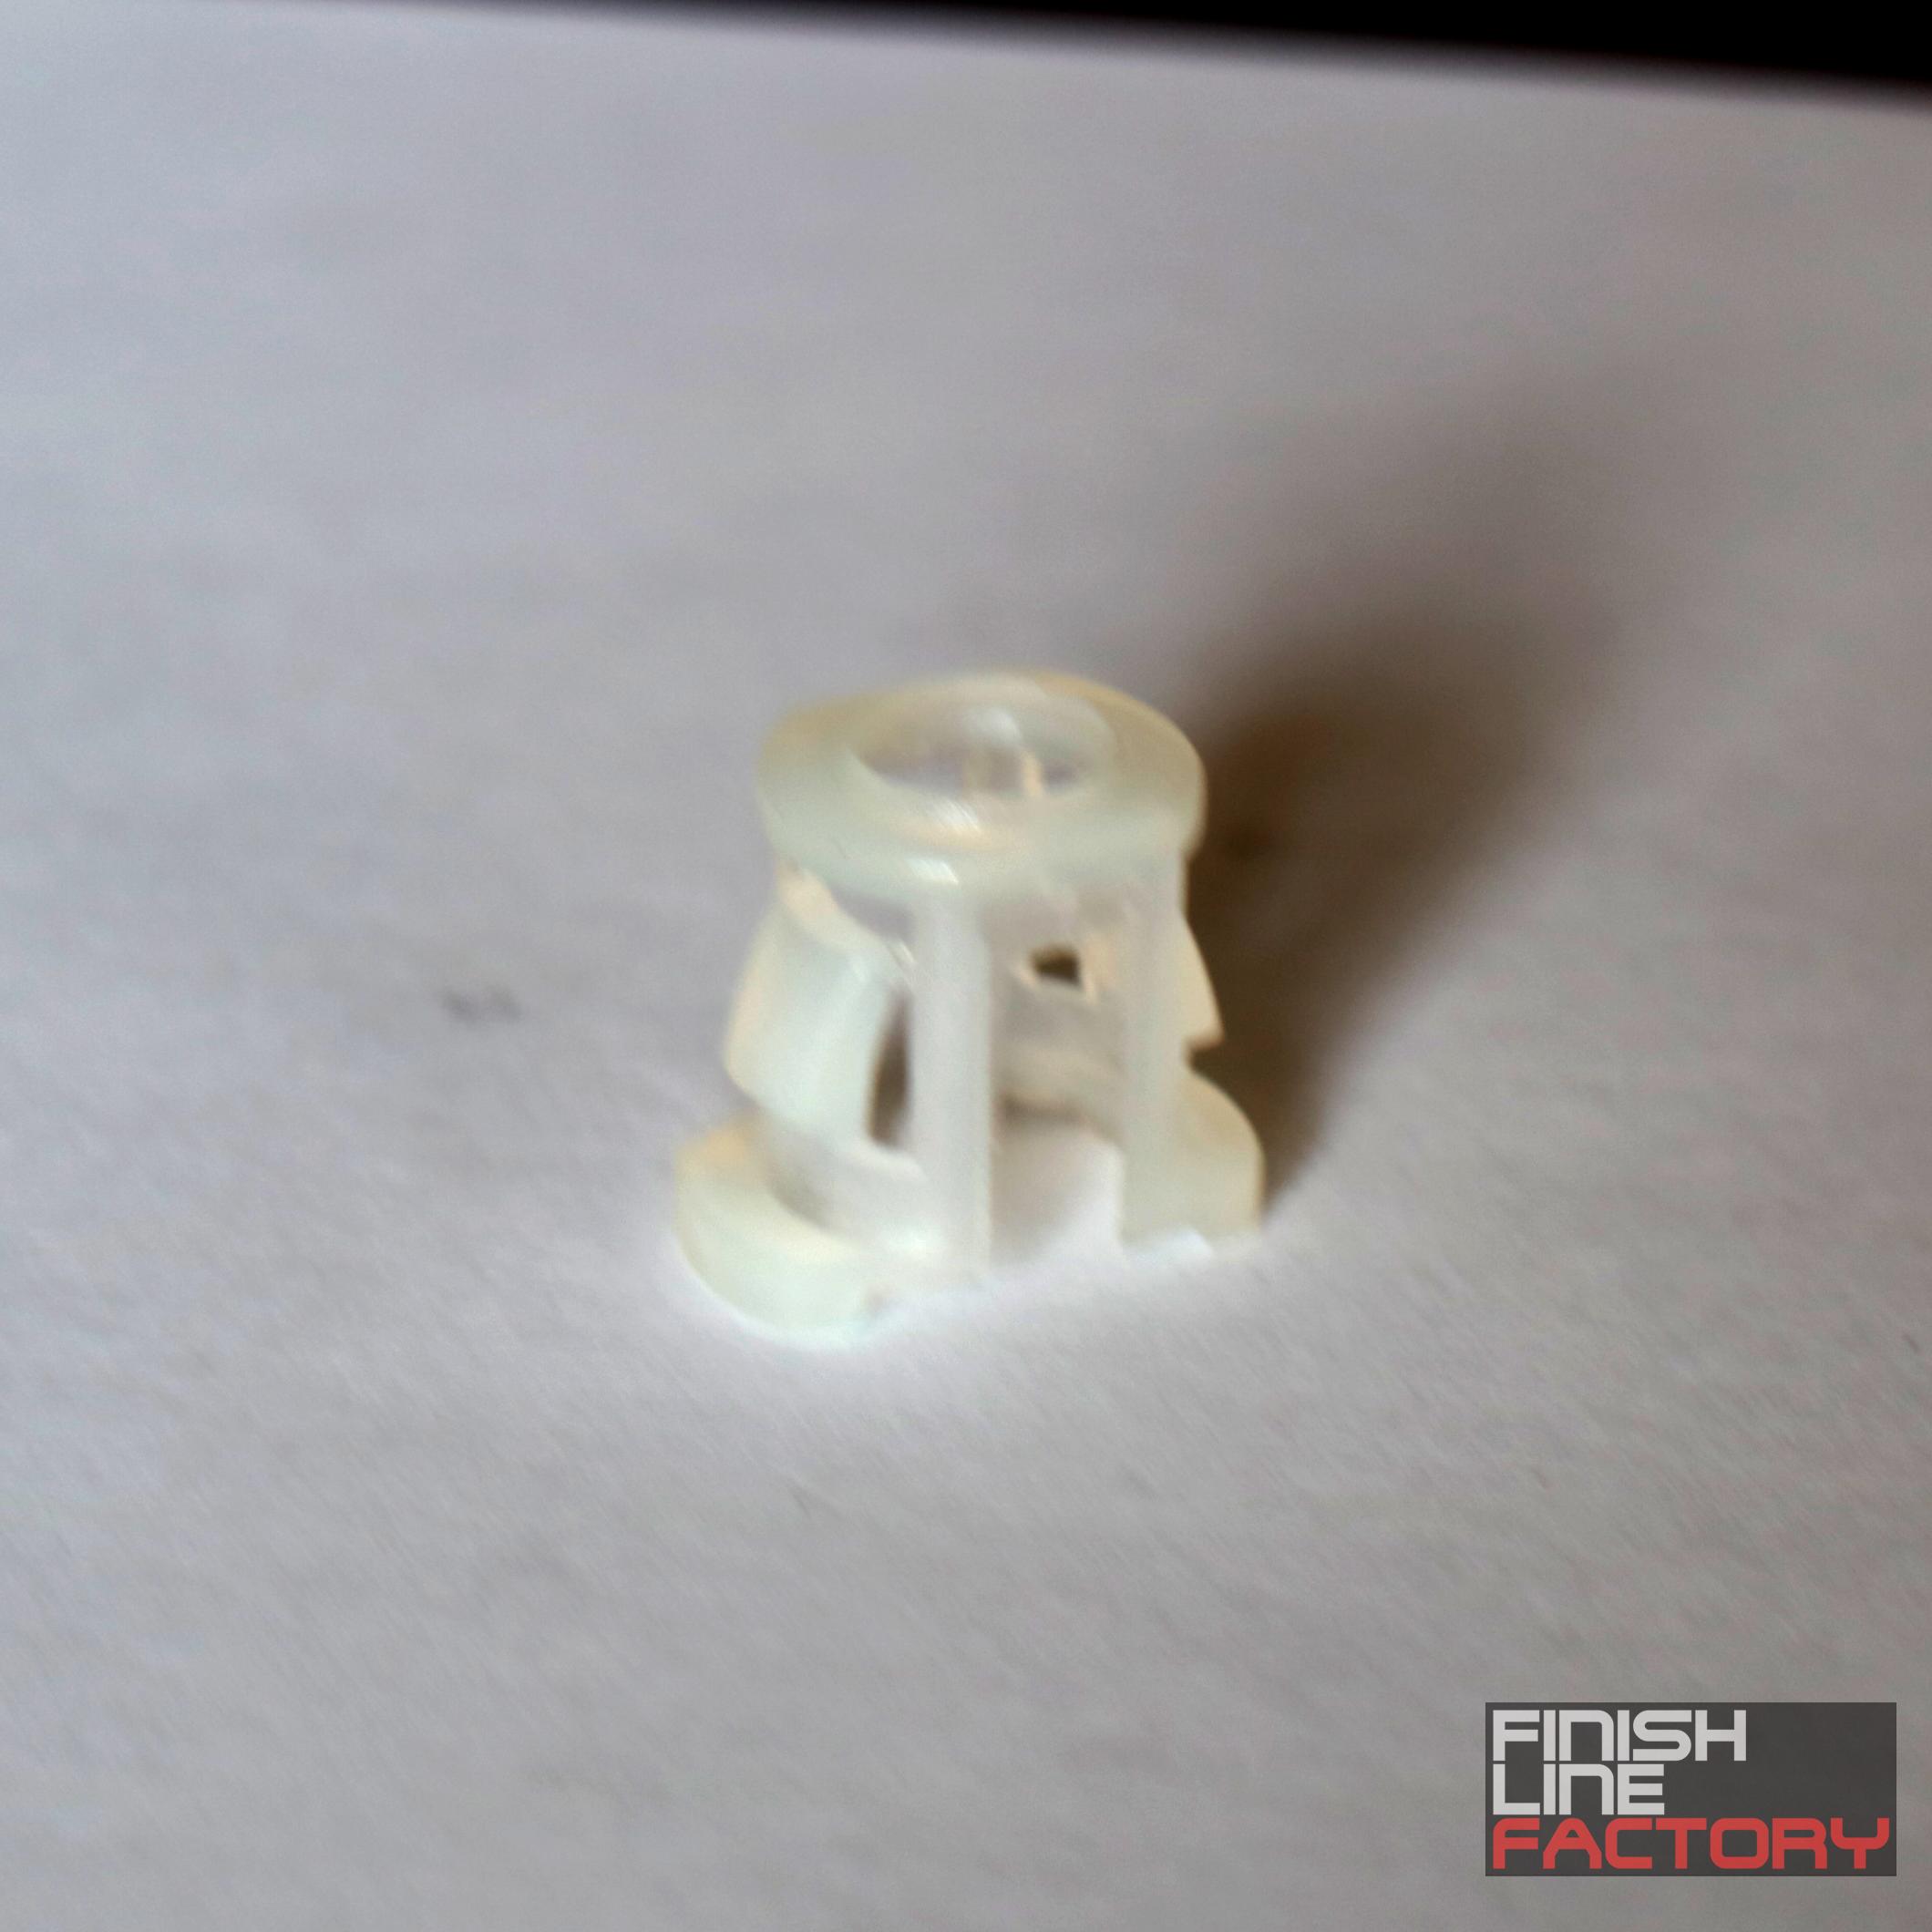 Female Quick Connect Plastic Insert